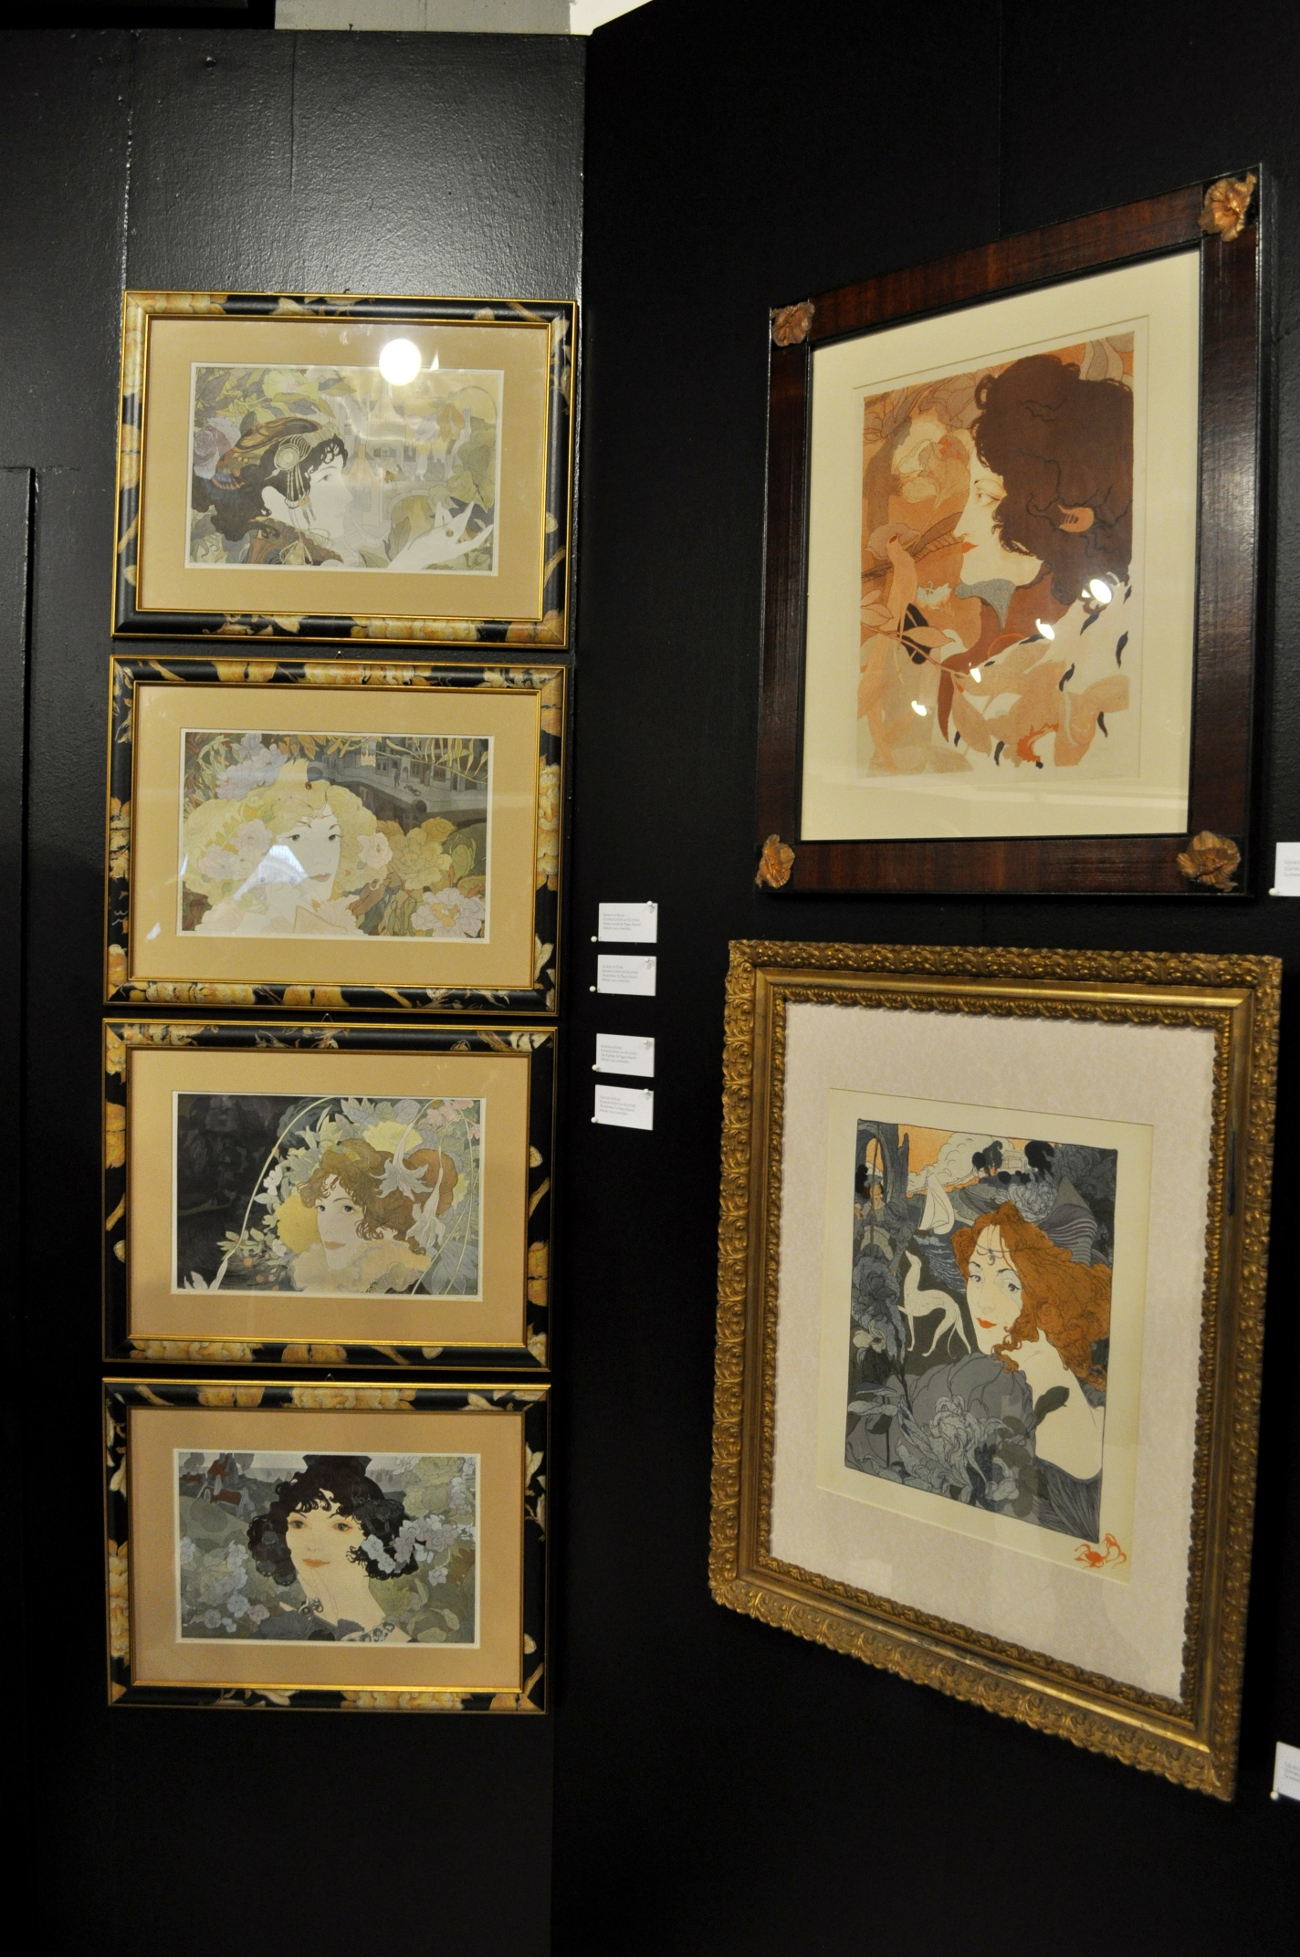 rocaille-blog-la-vergine-e-la-femme-fatale-mostra-sesto-fiorentino-firenze-54